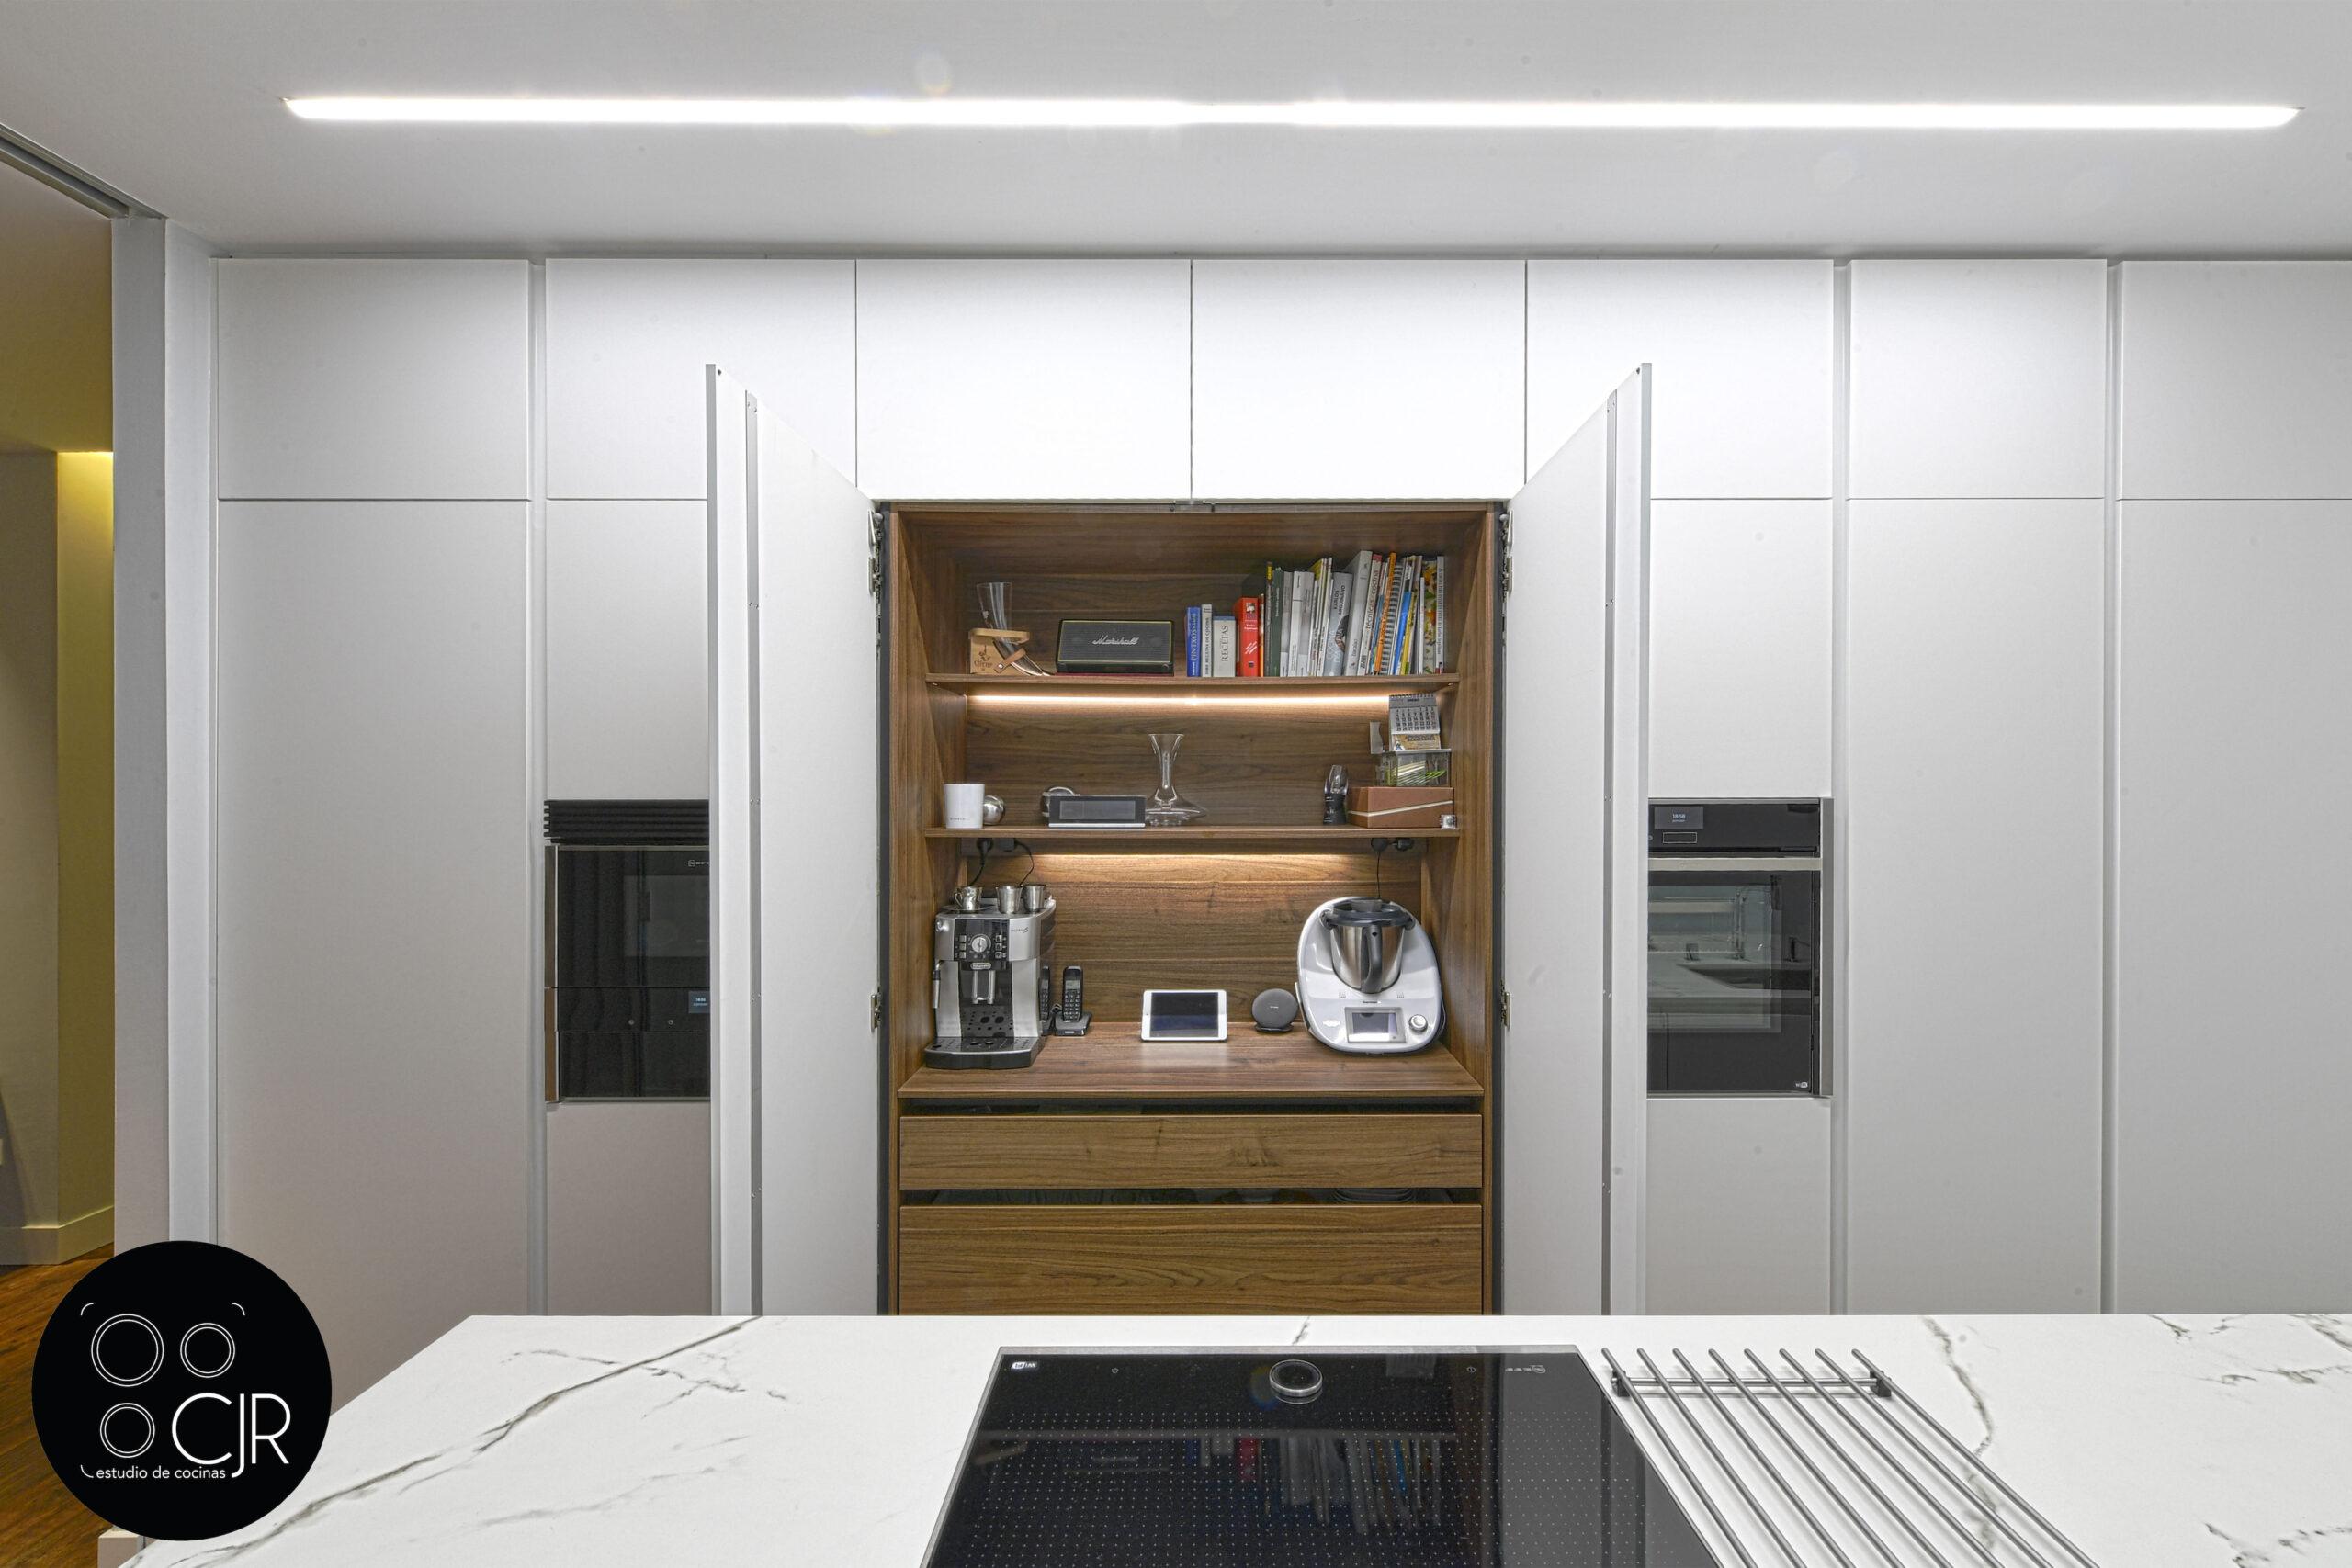 Puerta escamoteable en cocina blanca mate sin tiradores